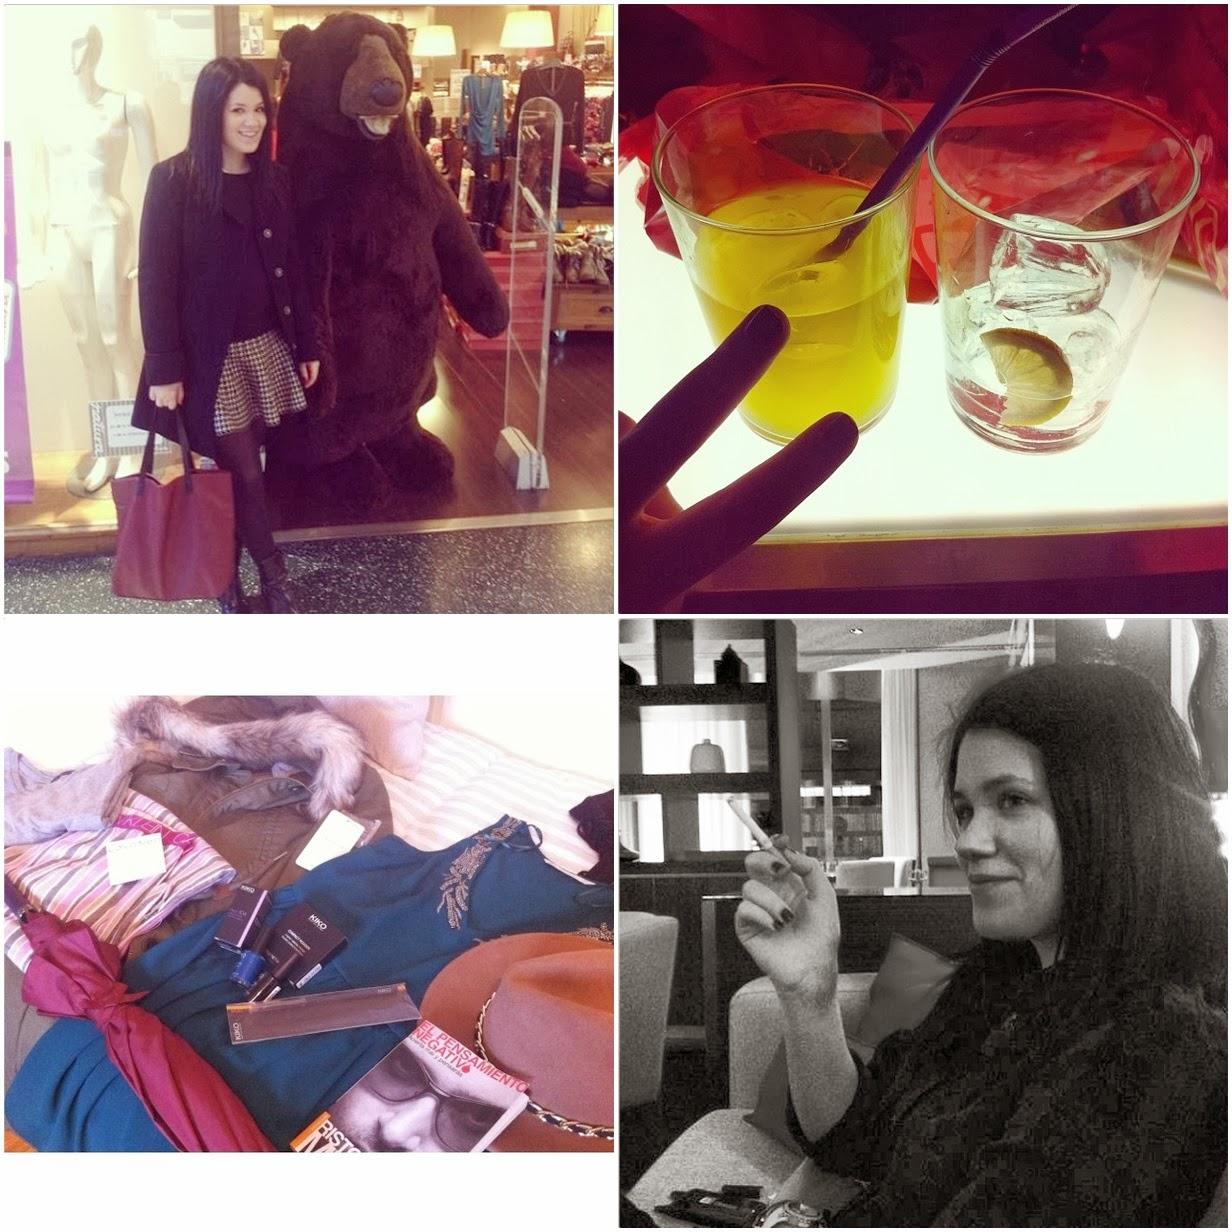 Lucia gallego blog instagram of the week - Stilreich blog instagram ...